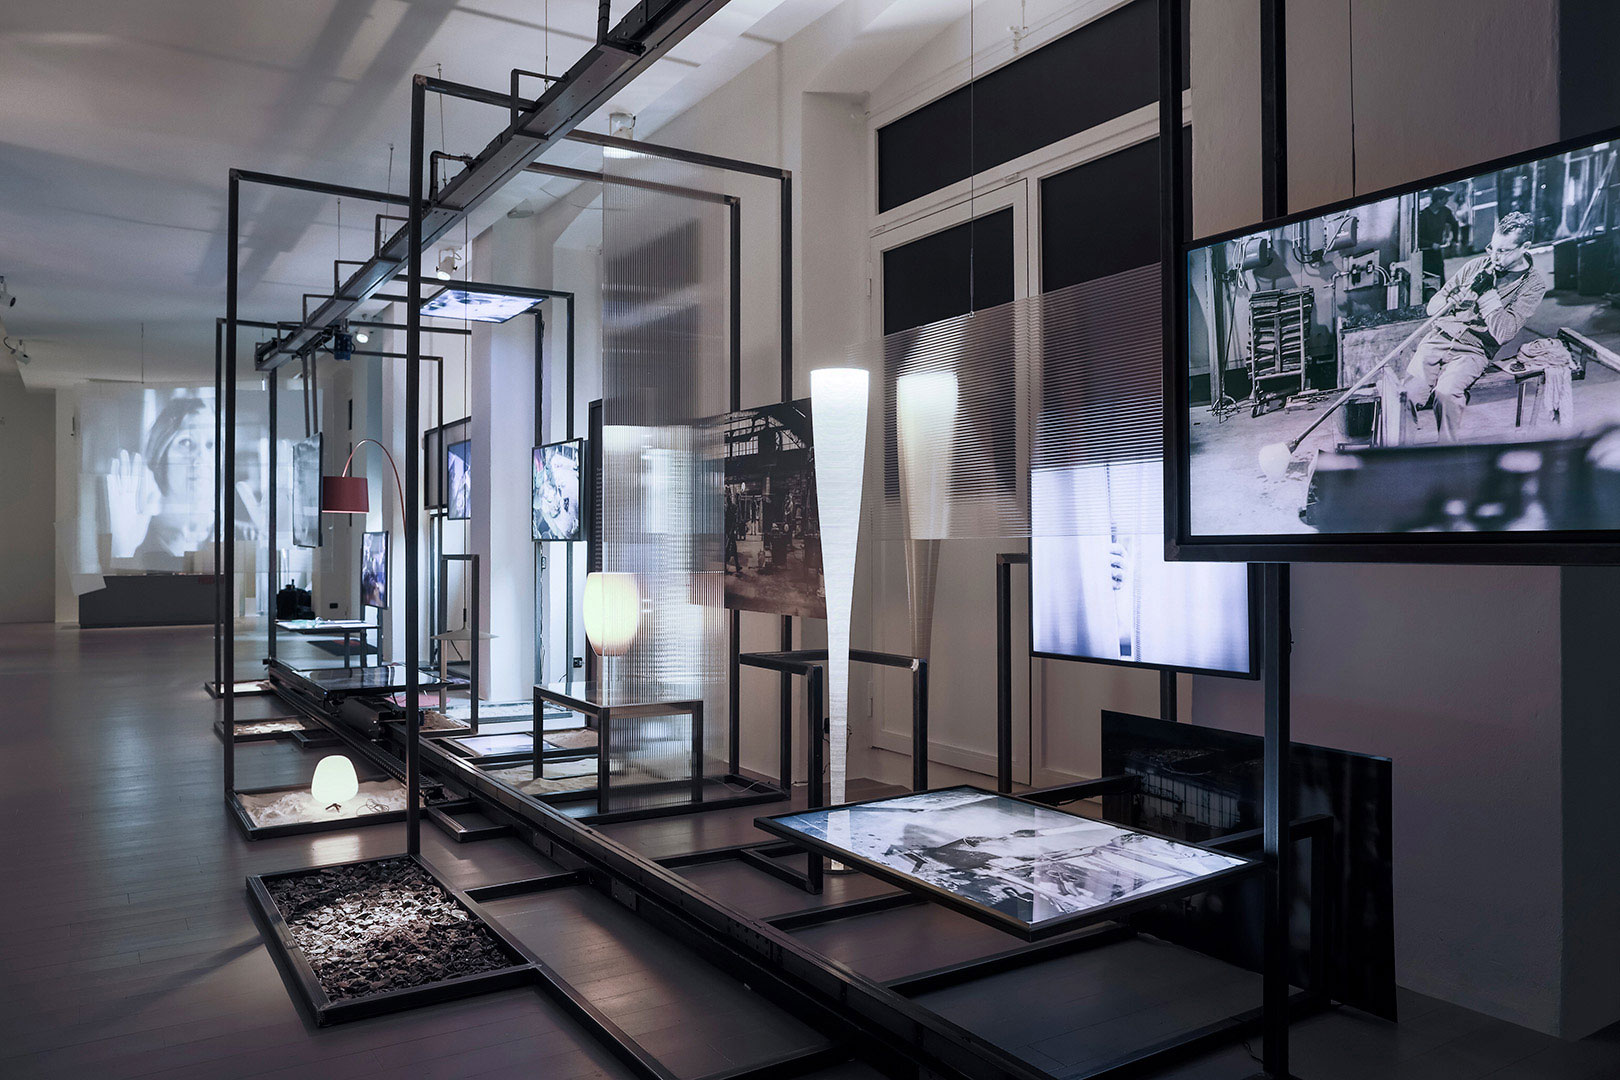 Brera design days maestrie a foscarini spazio brera for Design brera